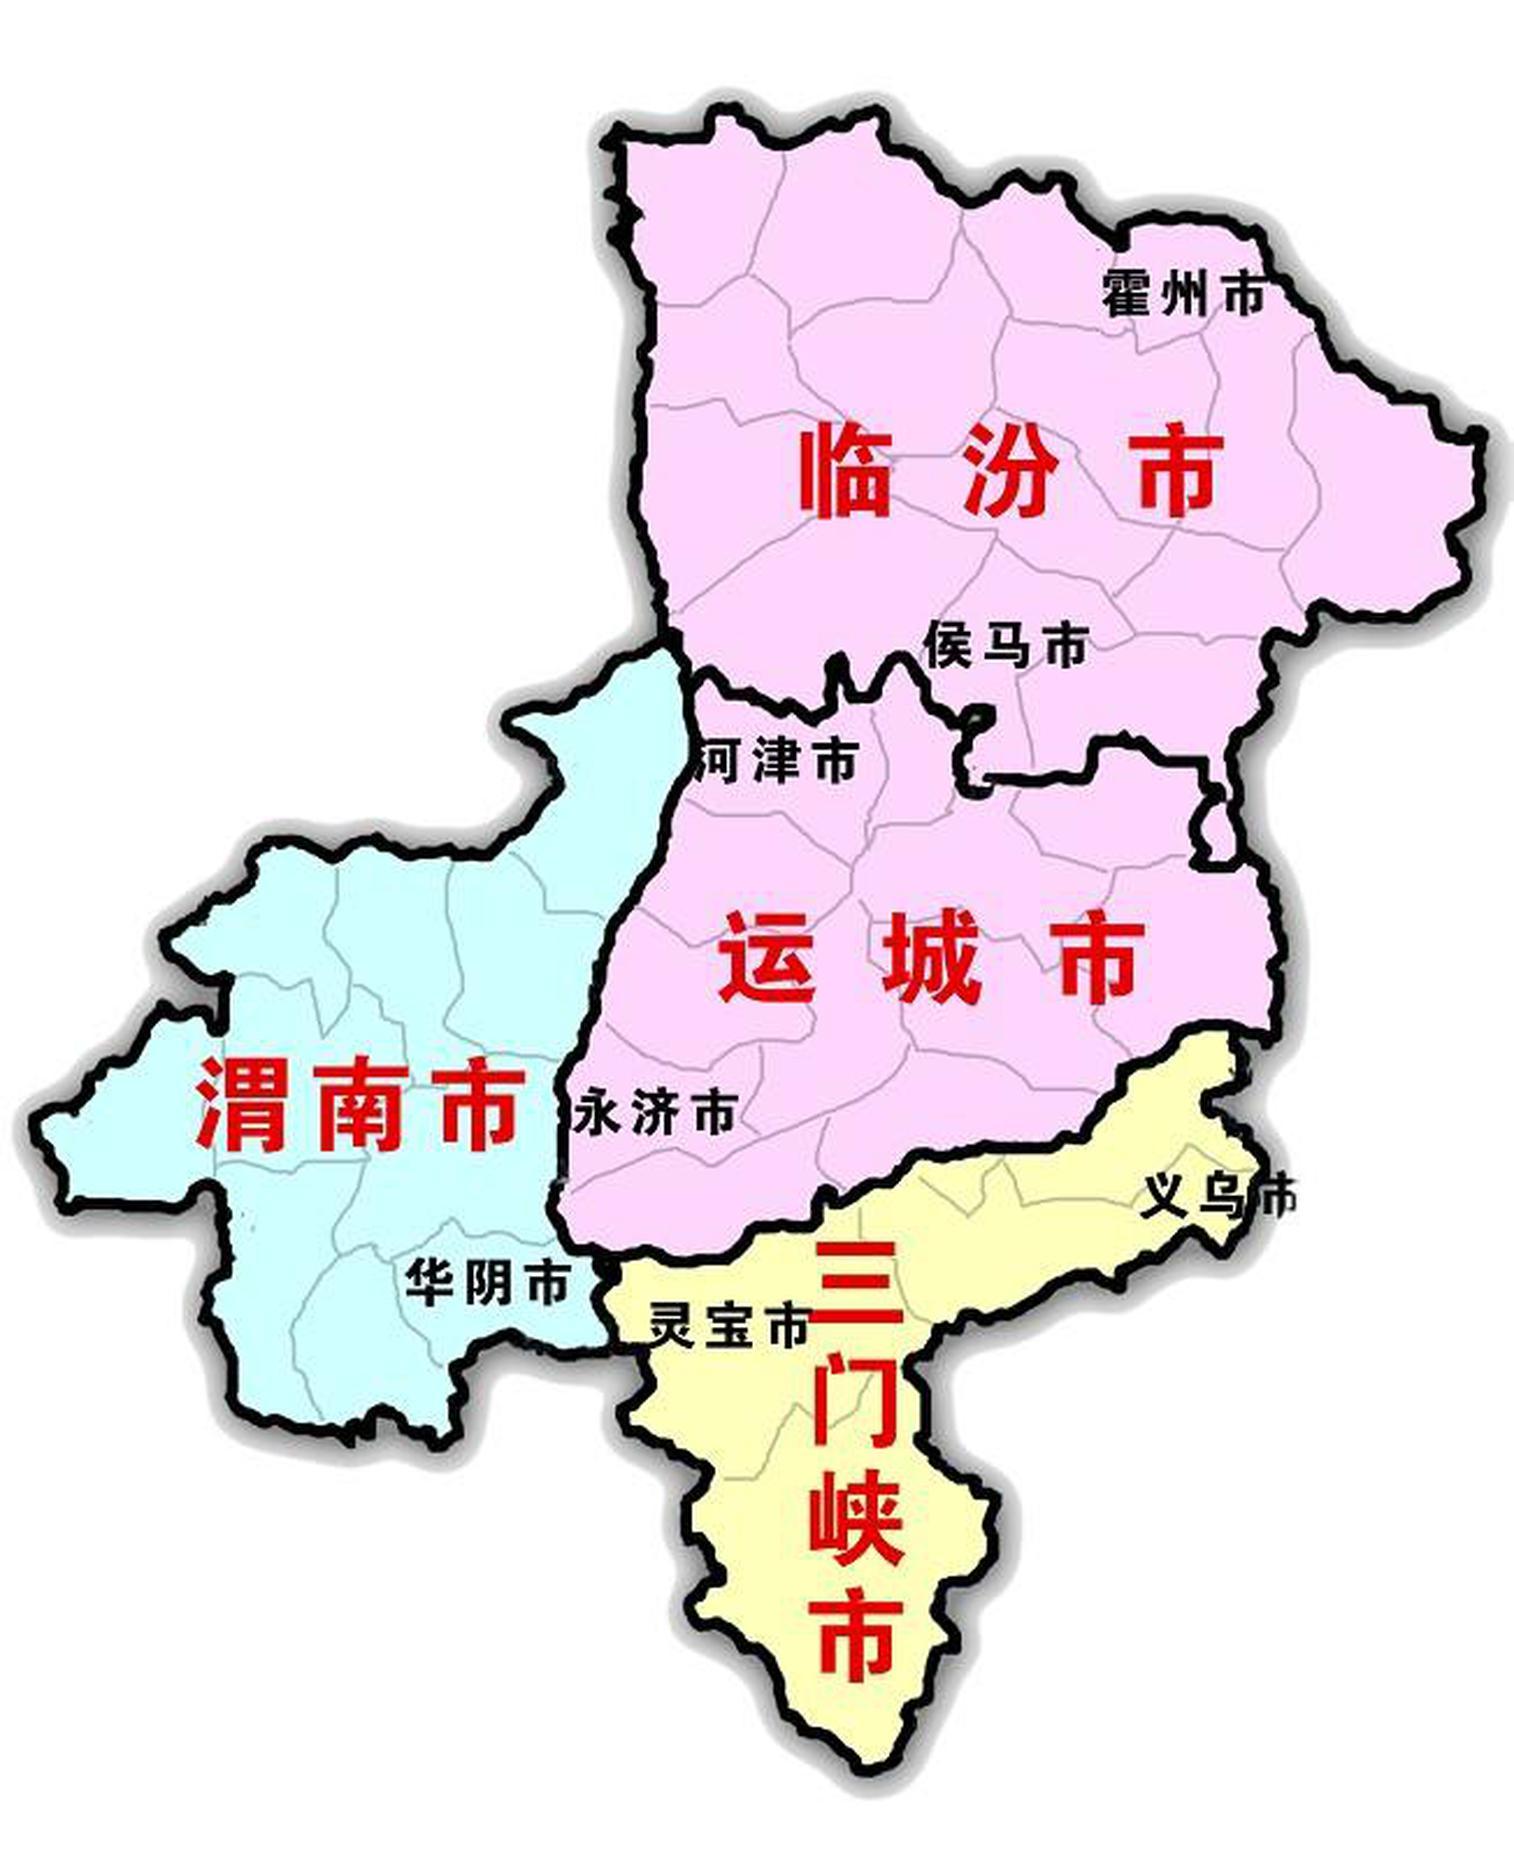 晋陕豫黄河金三角区域合作四市联席会议在临汾召开